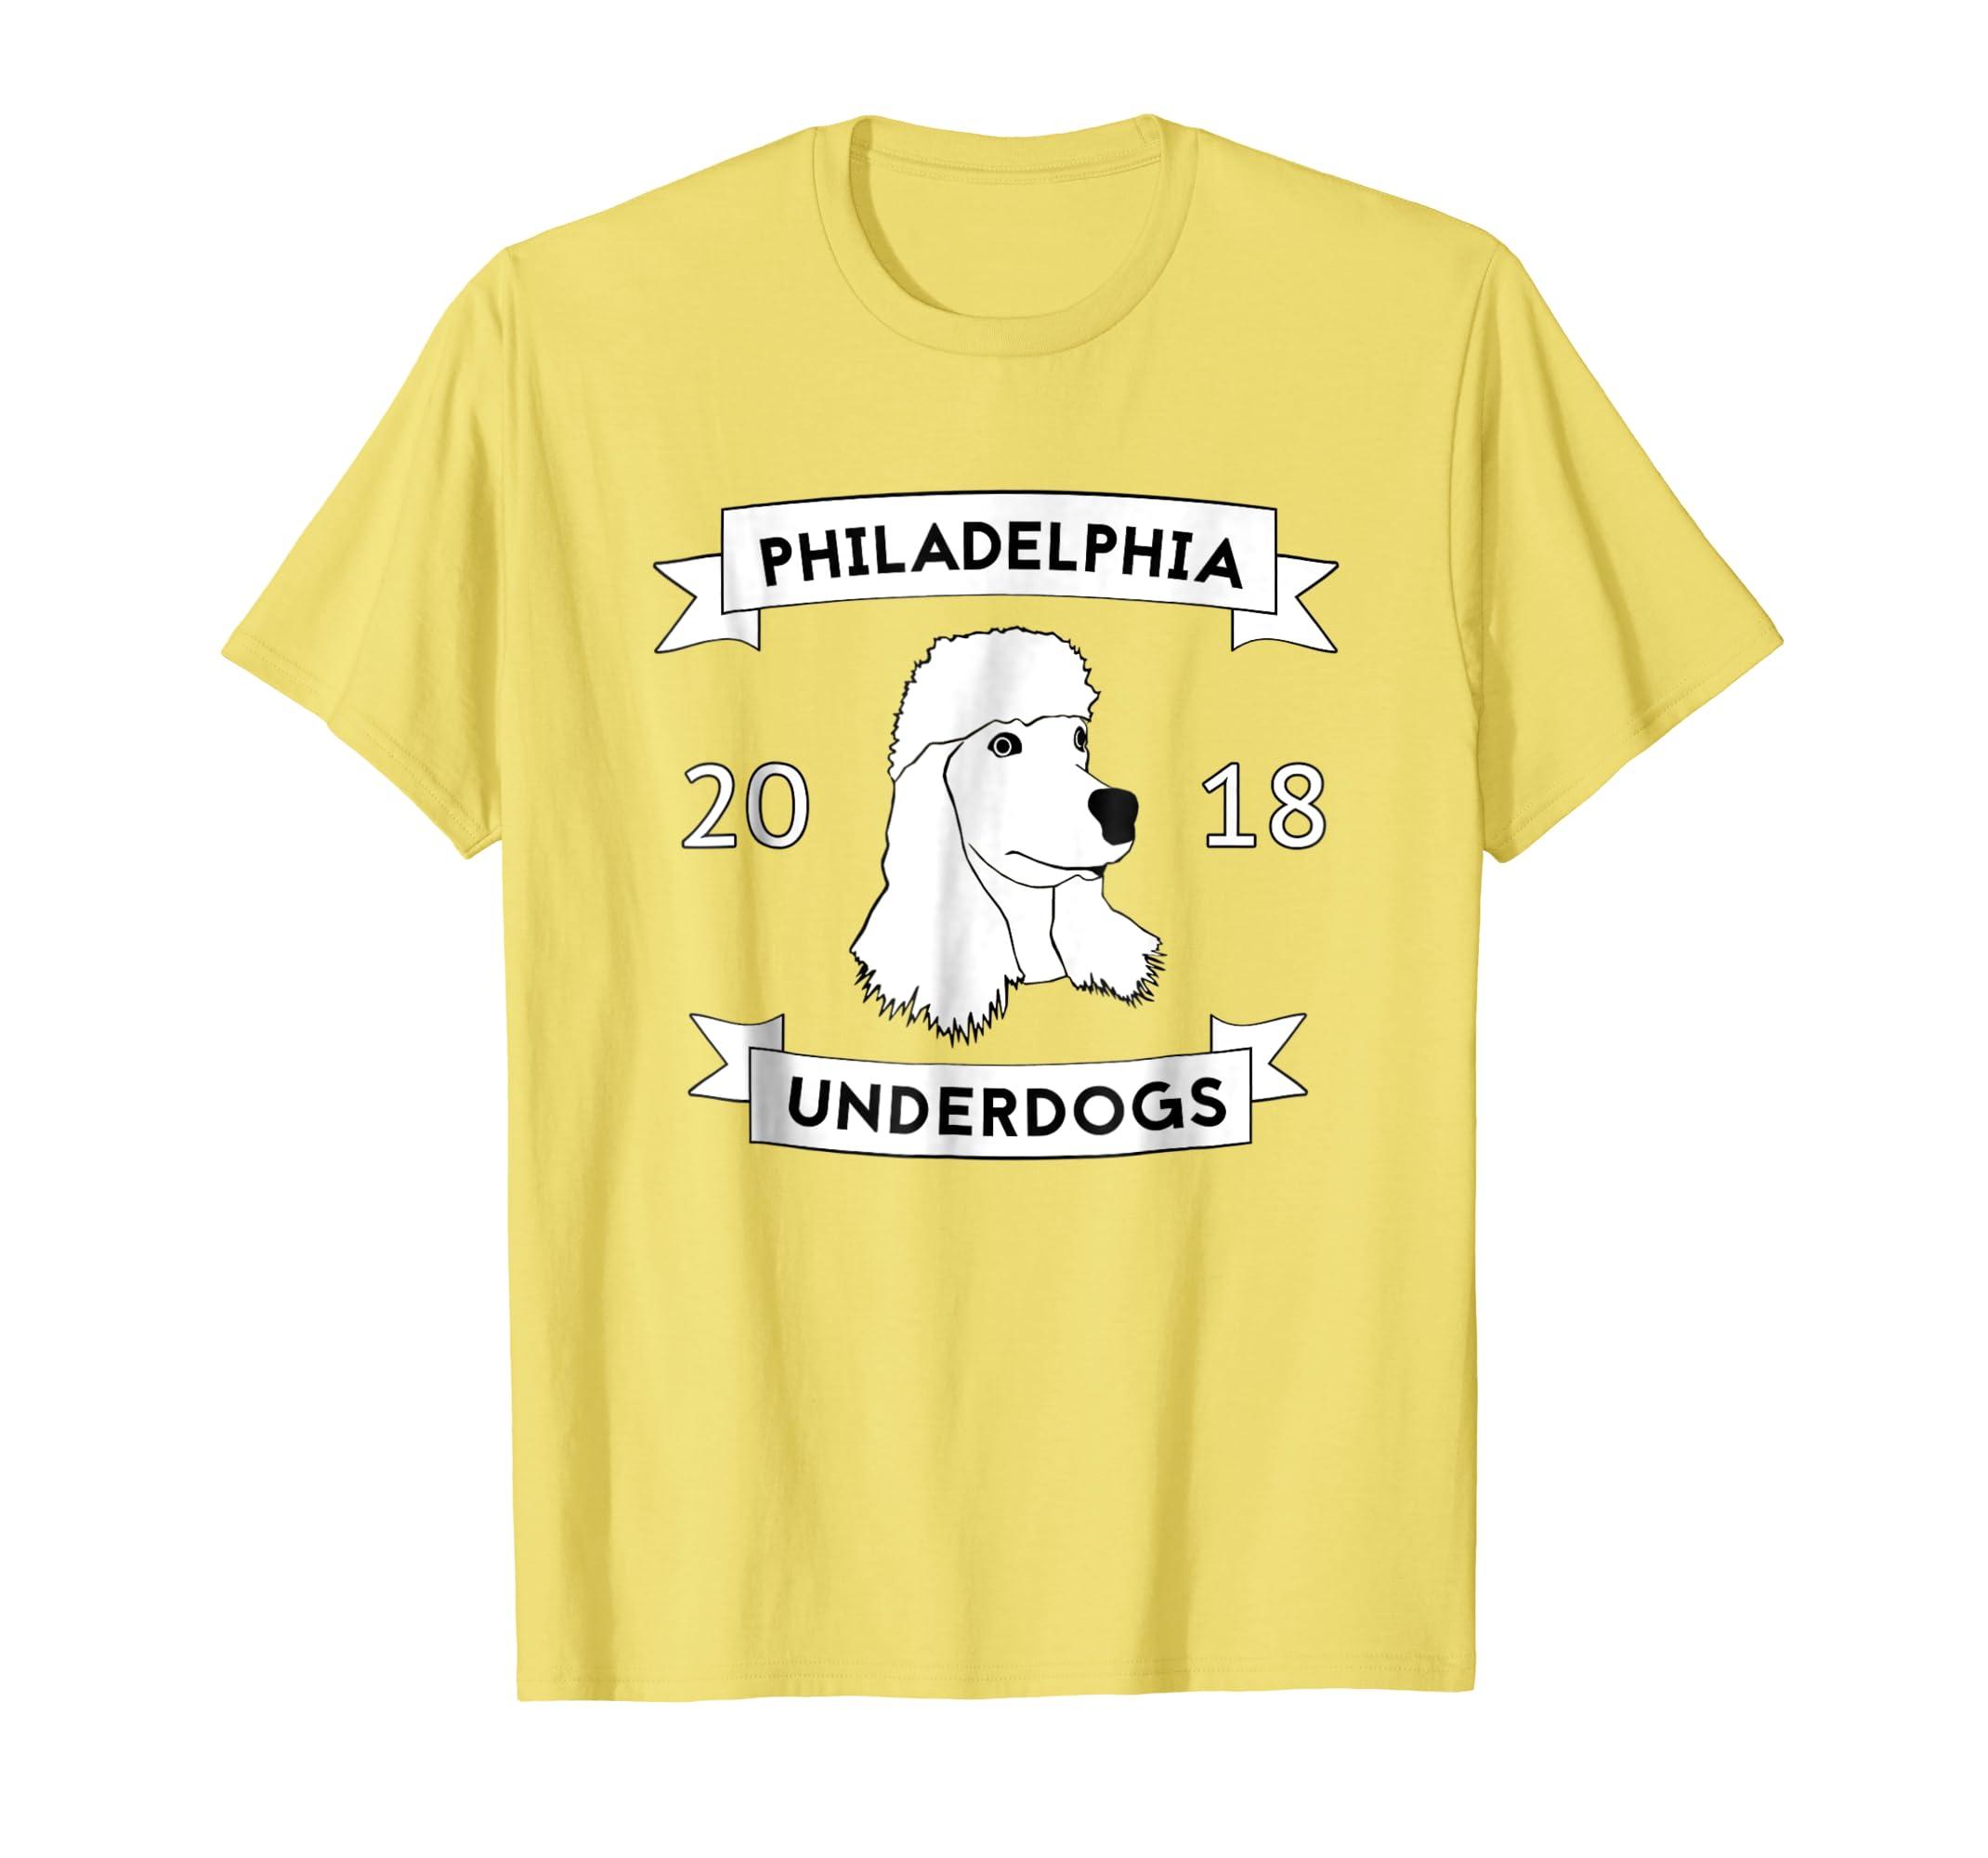 9c9c94dfe Amazon.com  Philadelphia Underdog Mask Funny Poodle Football T Shirt   Clothing